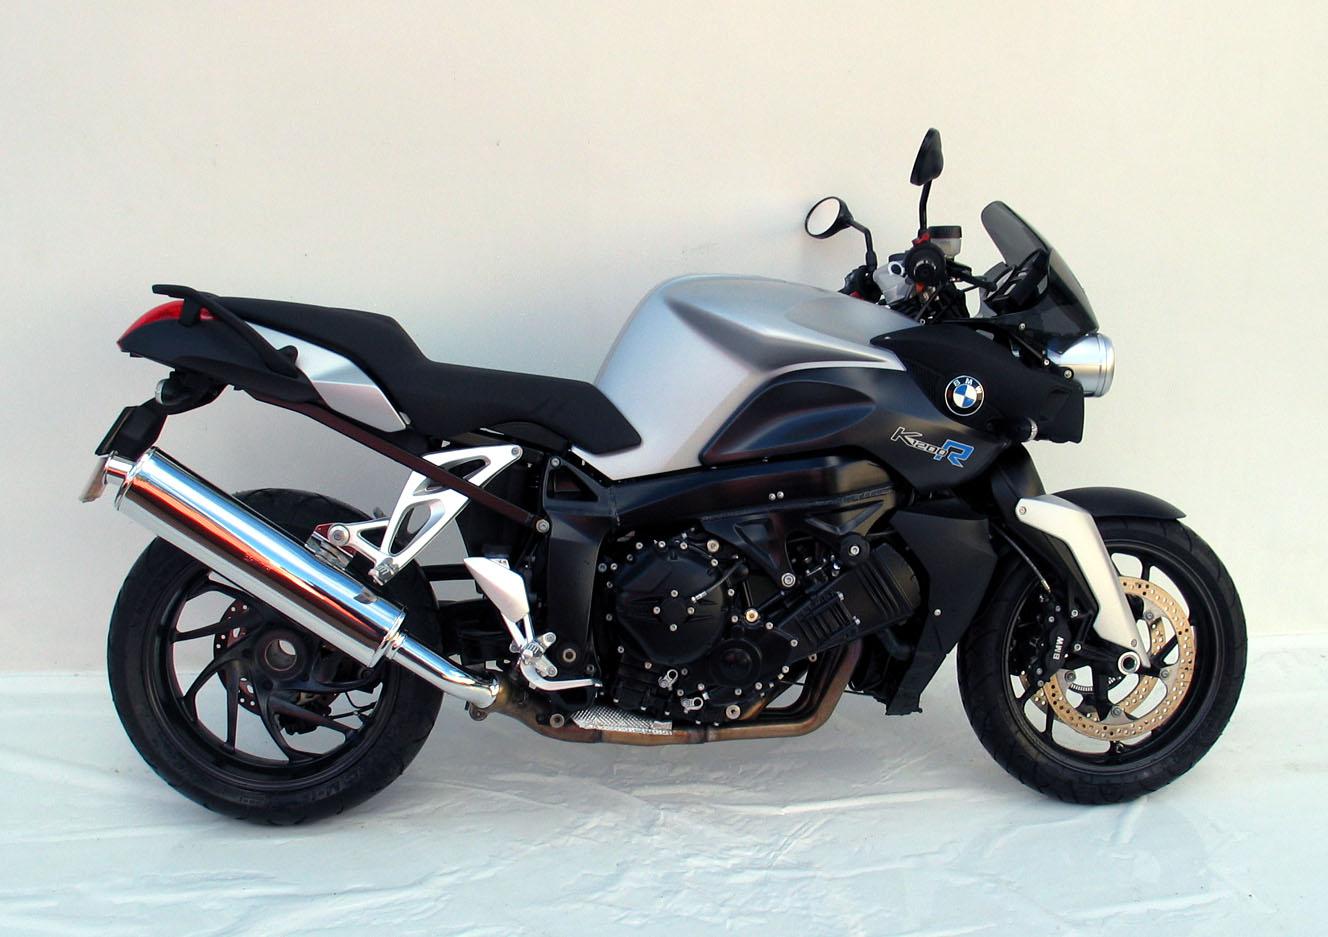 http://3.bp.blogspot.com/-clheVjuvjU4/T2JJVg0LcqI/AAAAAAAAEfs/Qg03tprCzZY/s1600/BMW+S1000RR+rac.jpg